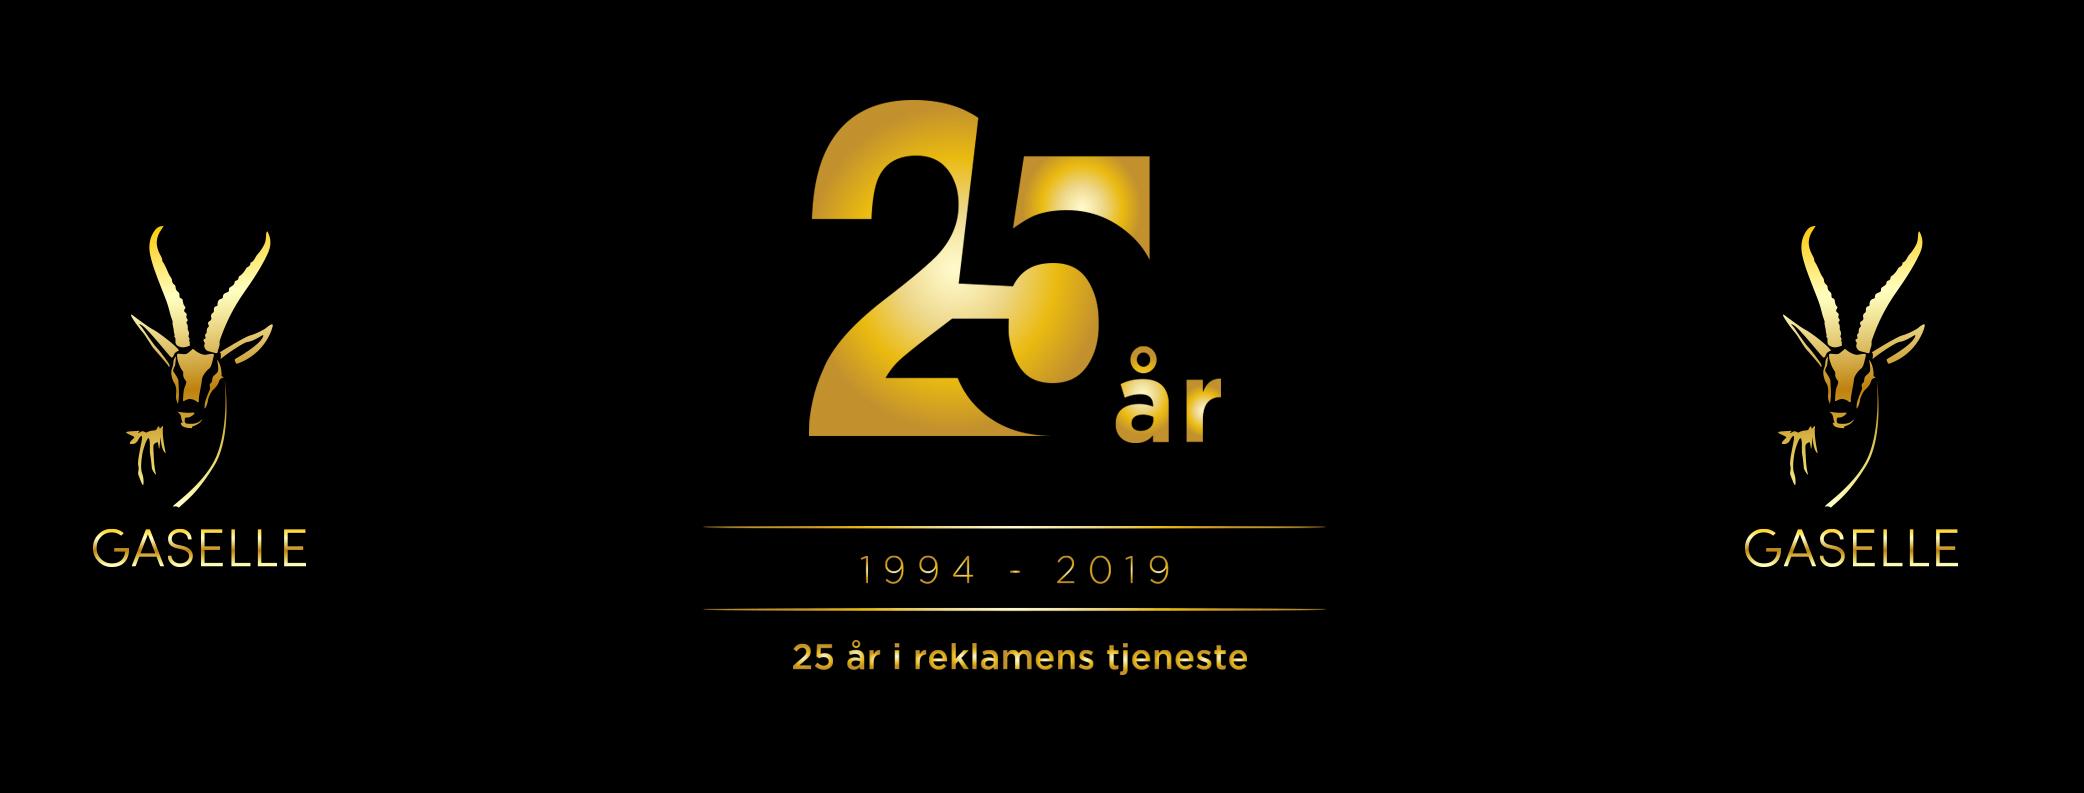 25 år i reklamens tjeneste